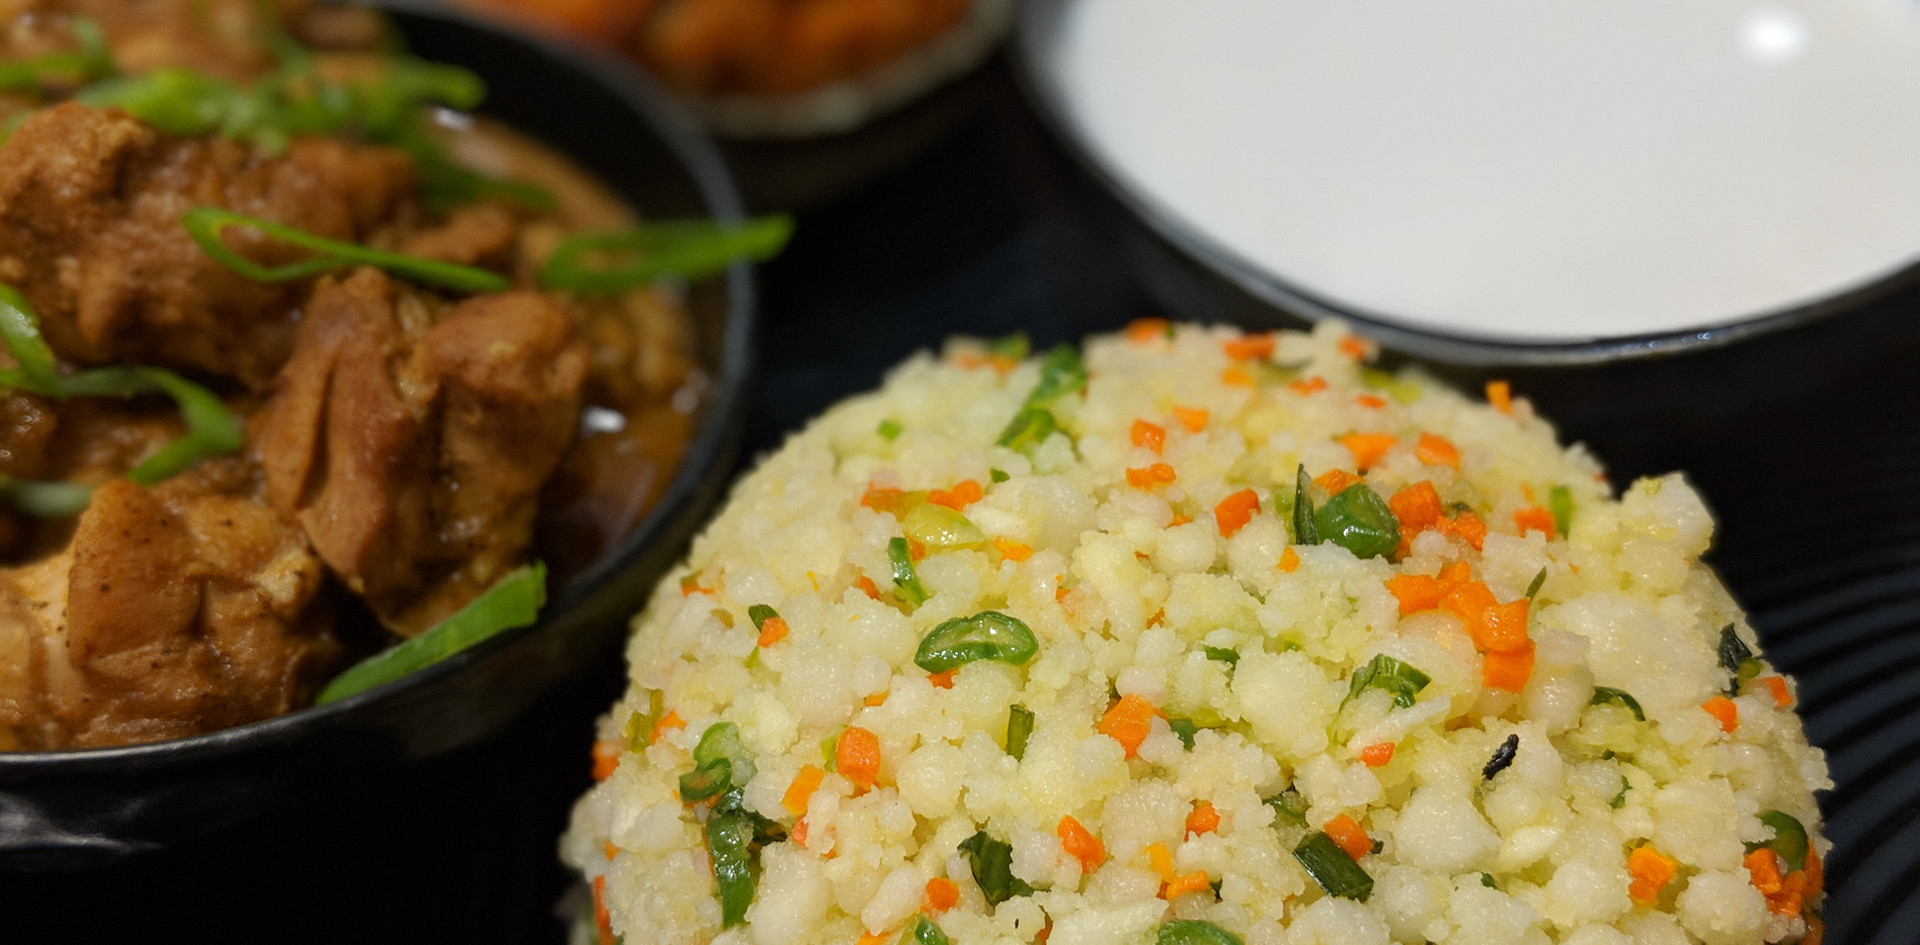 Pittu with Curry Chicken & Coconut Gravy